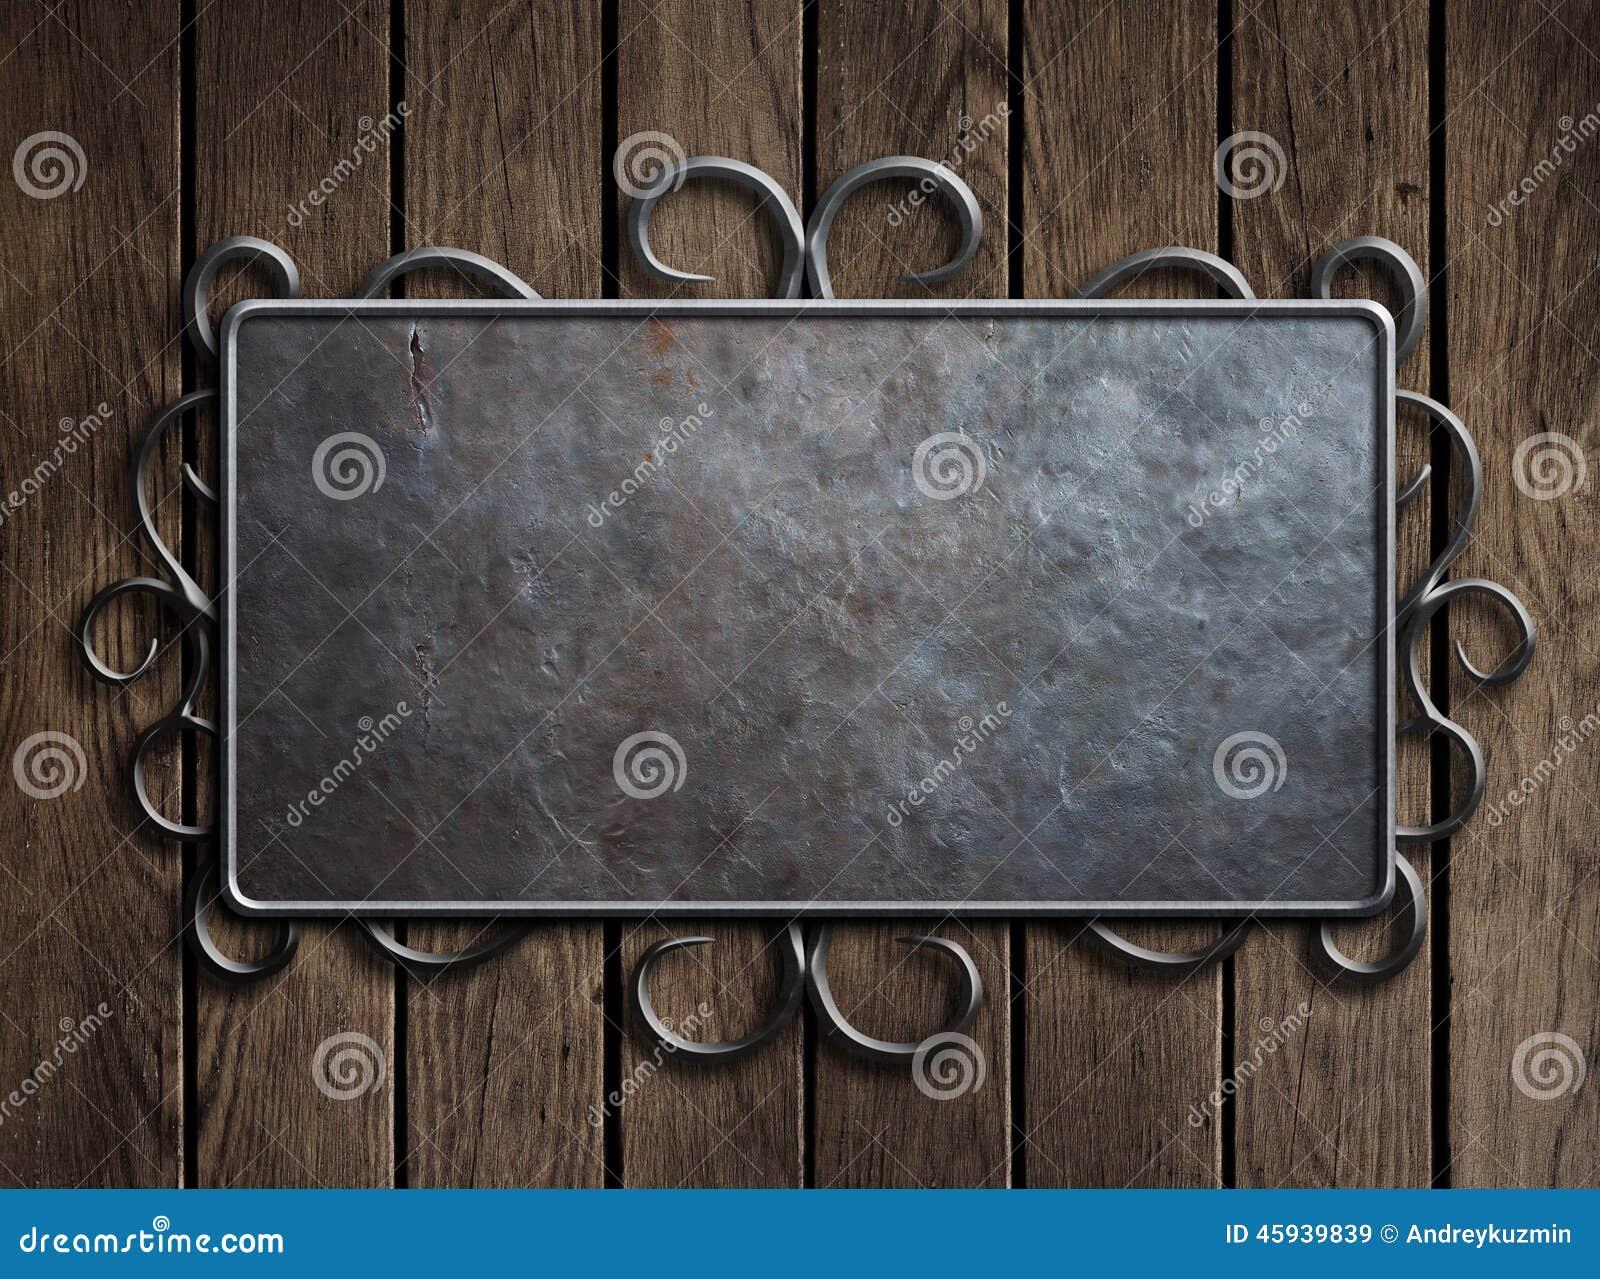 Old Metal Door : Old metal door royalty free stock image cartoondealer